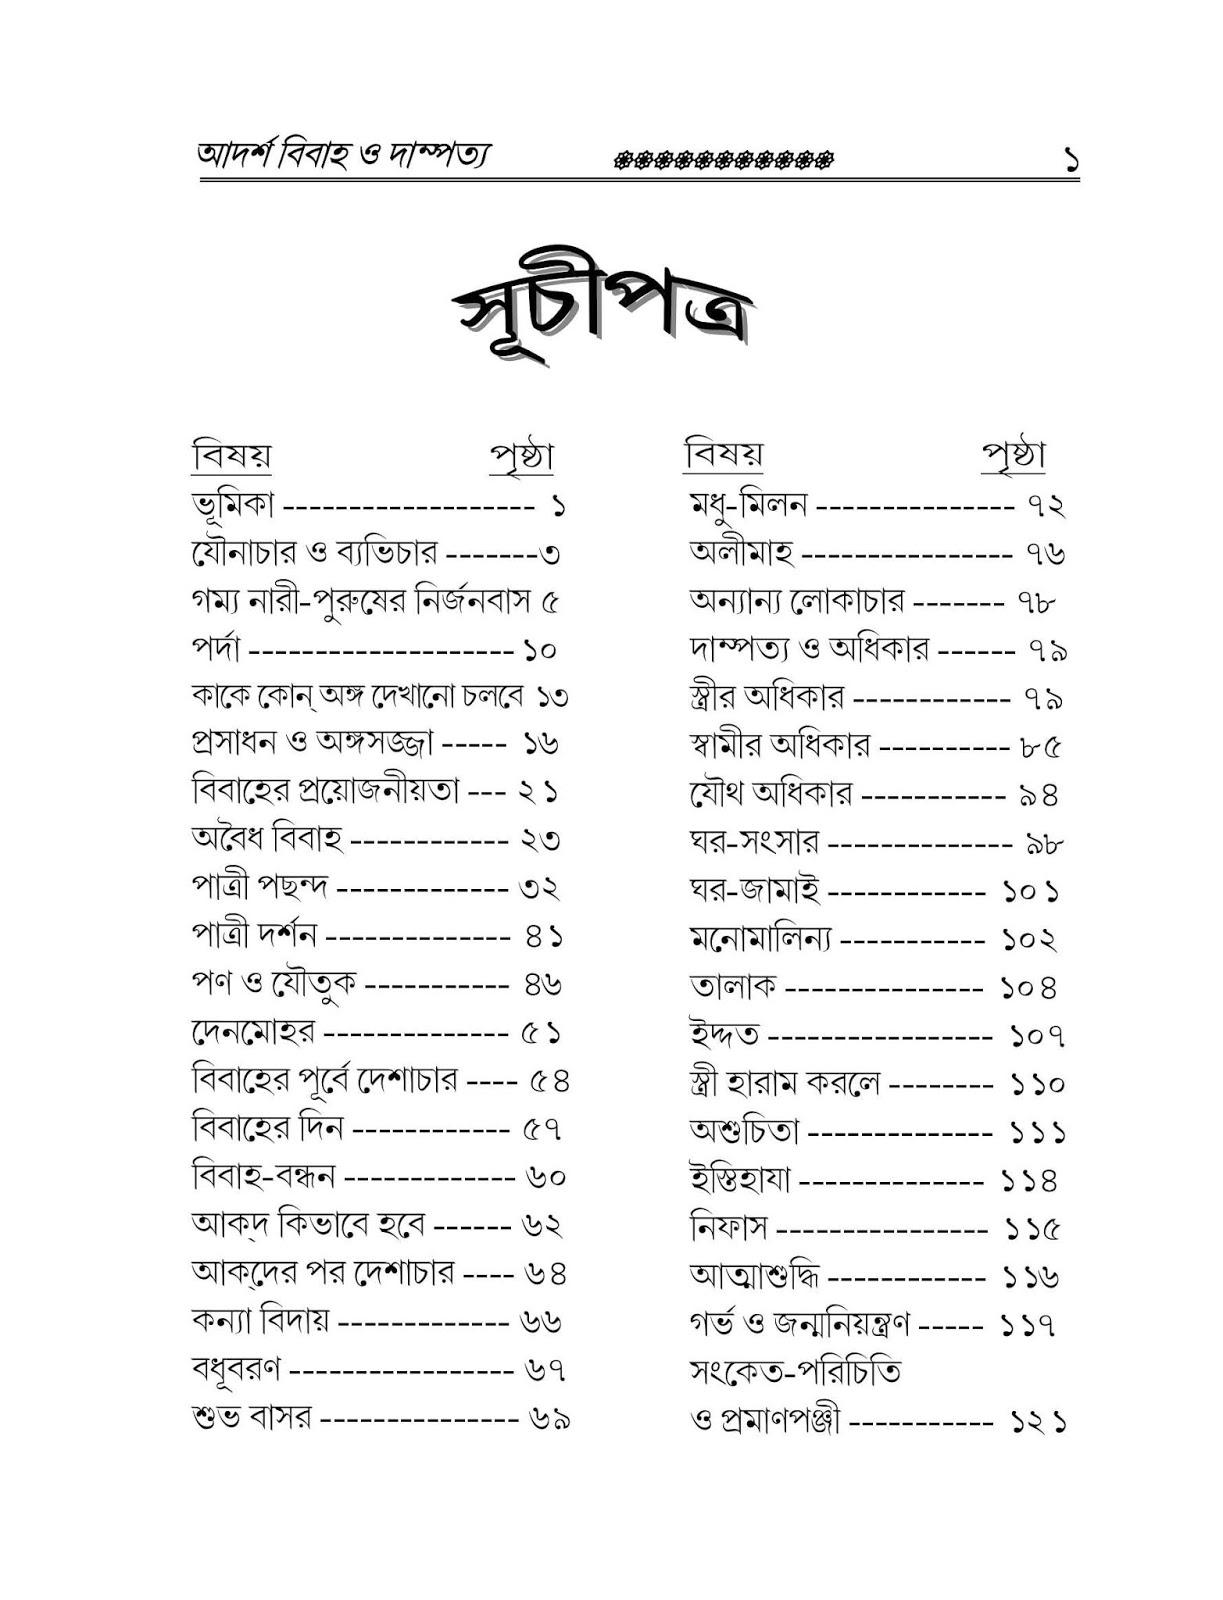 আদর্শ বিবাহ ও দাম্পত্য বই pdf |বিয়ে নিয়ে বই pdf | বিবাহ বই pdf